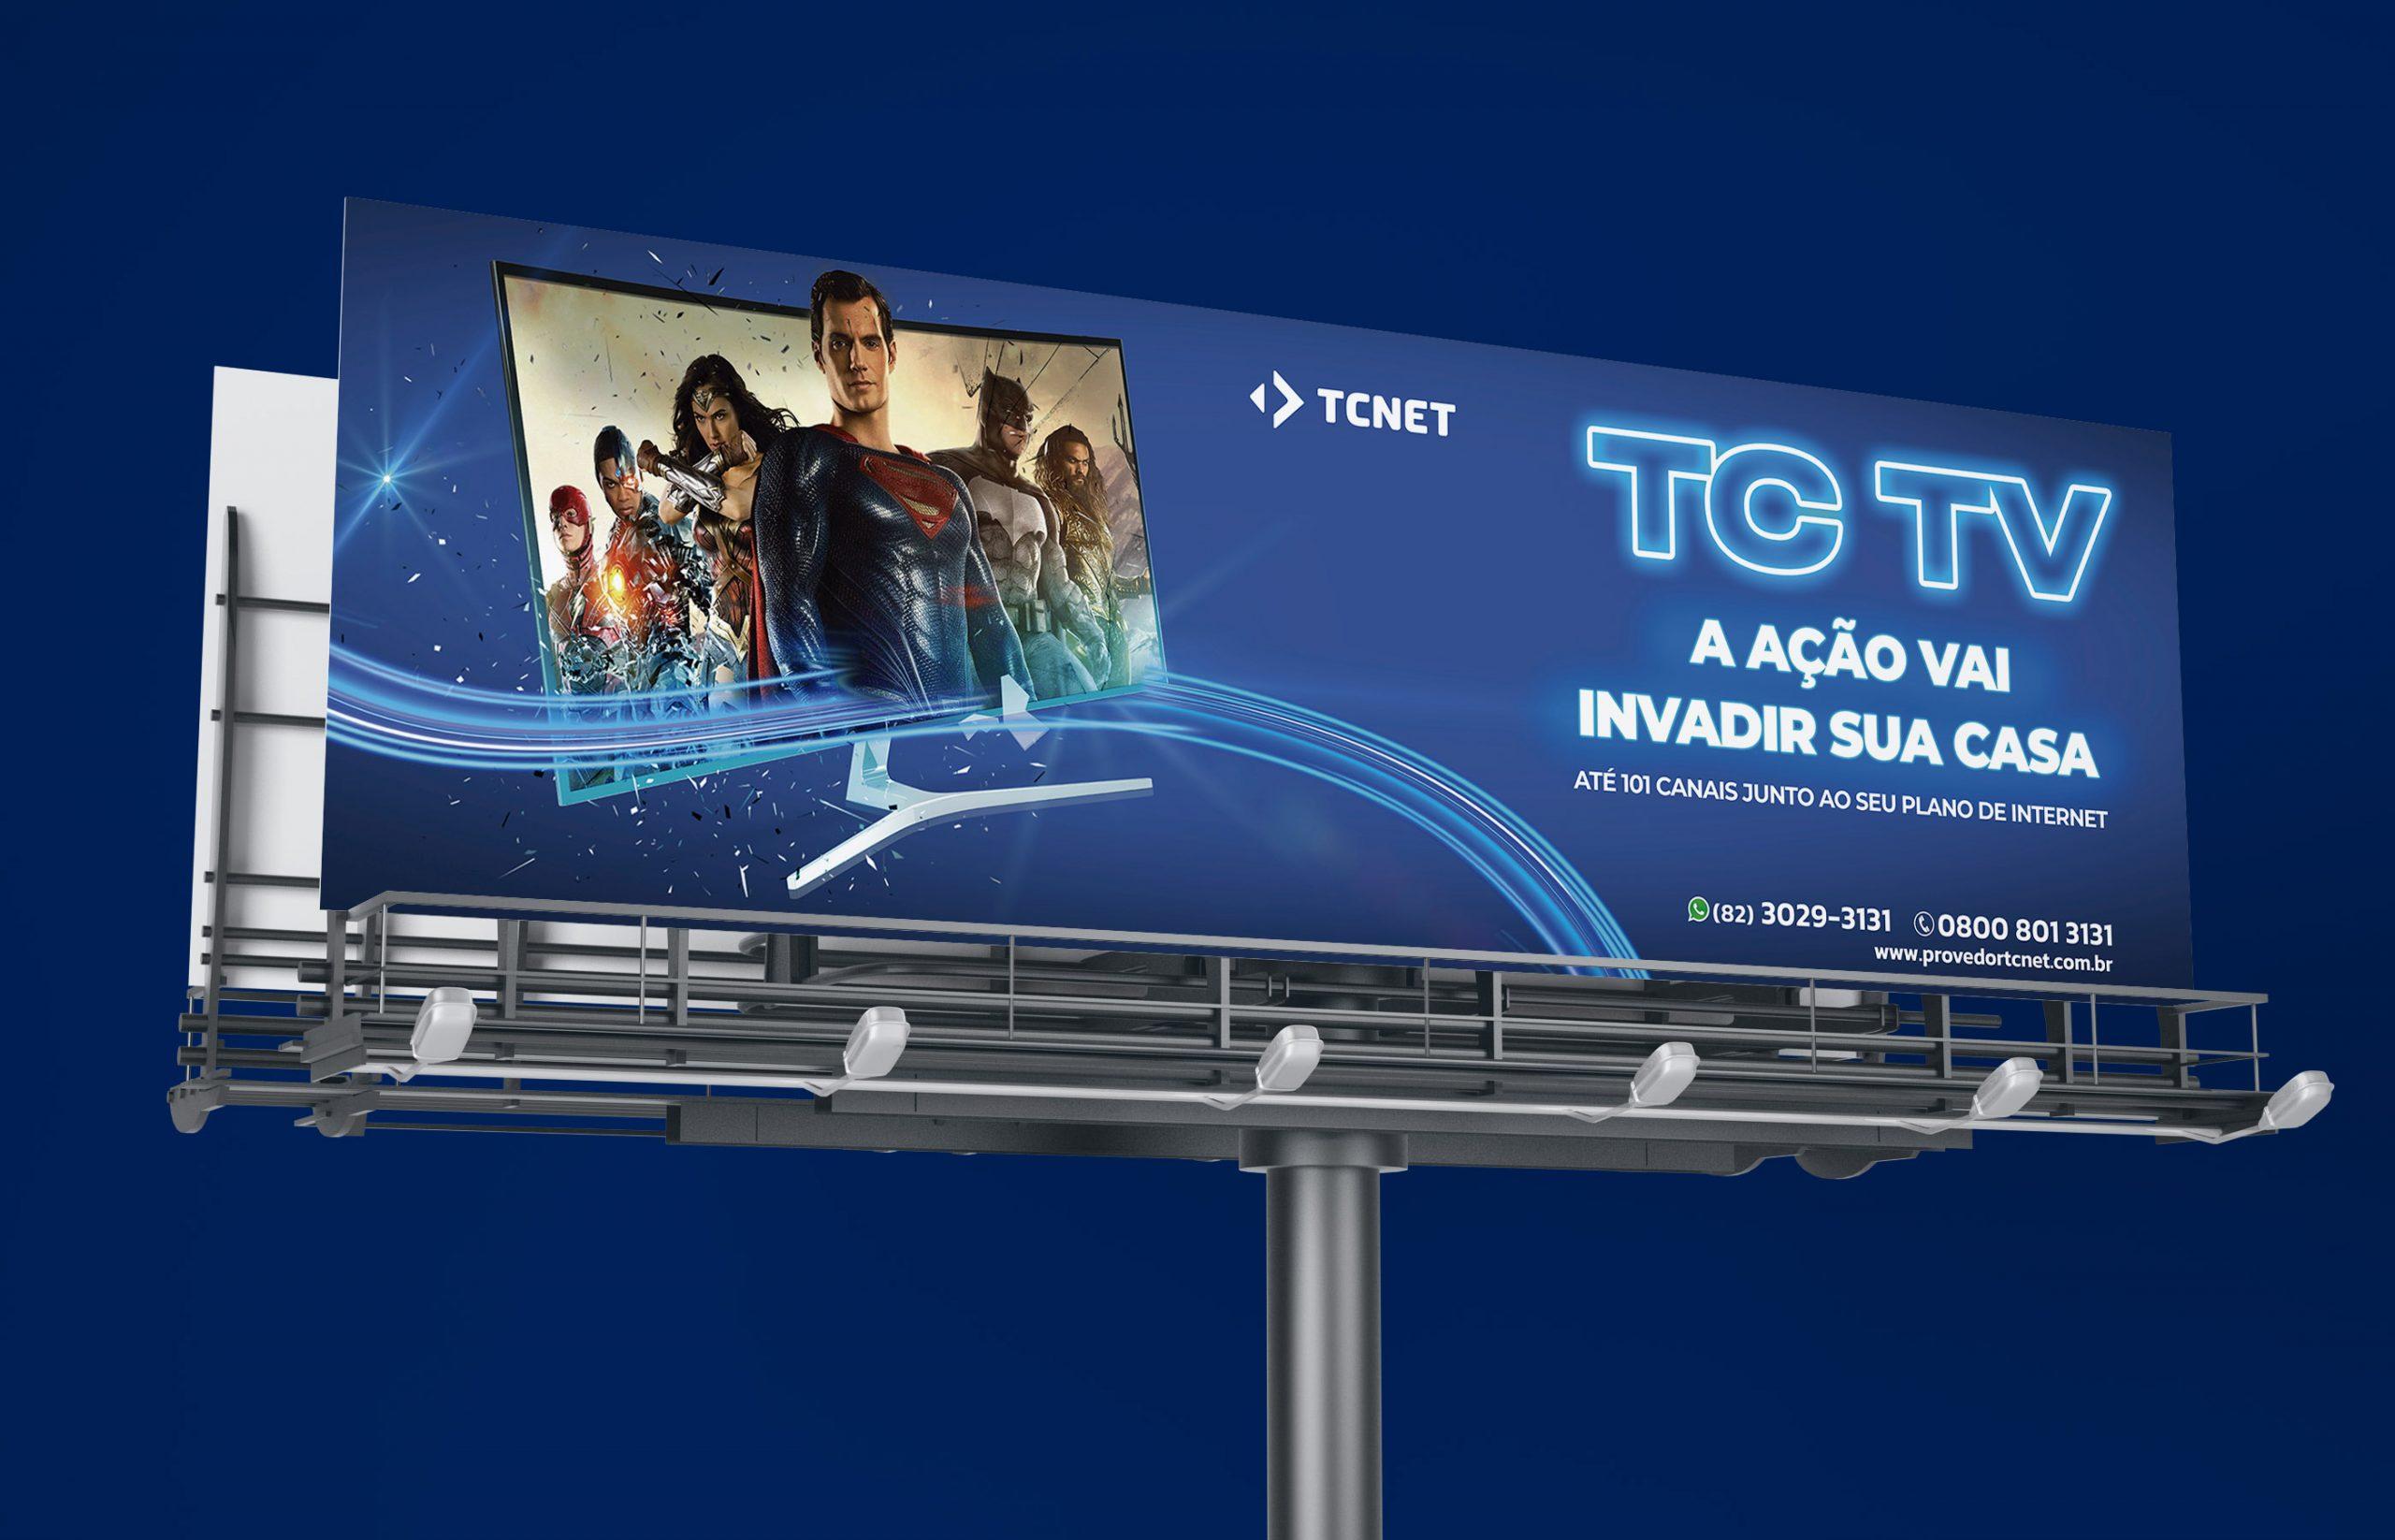 Criação-de-outdoor-para-provedor-de-internet-tcnet-nordeste